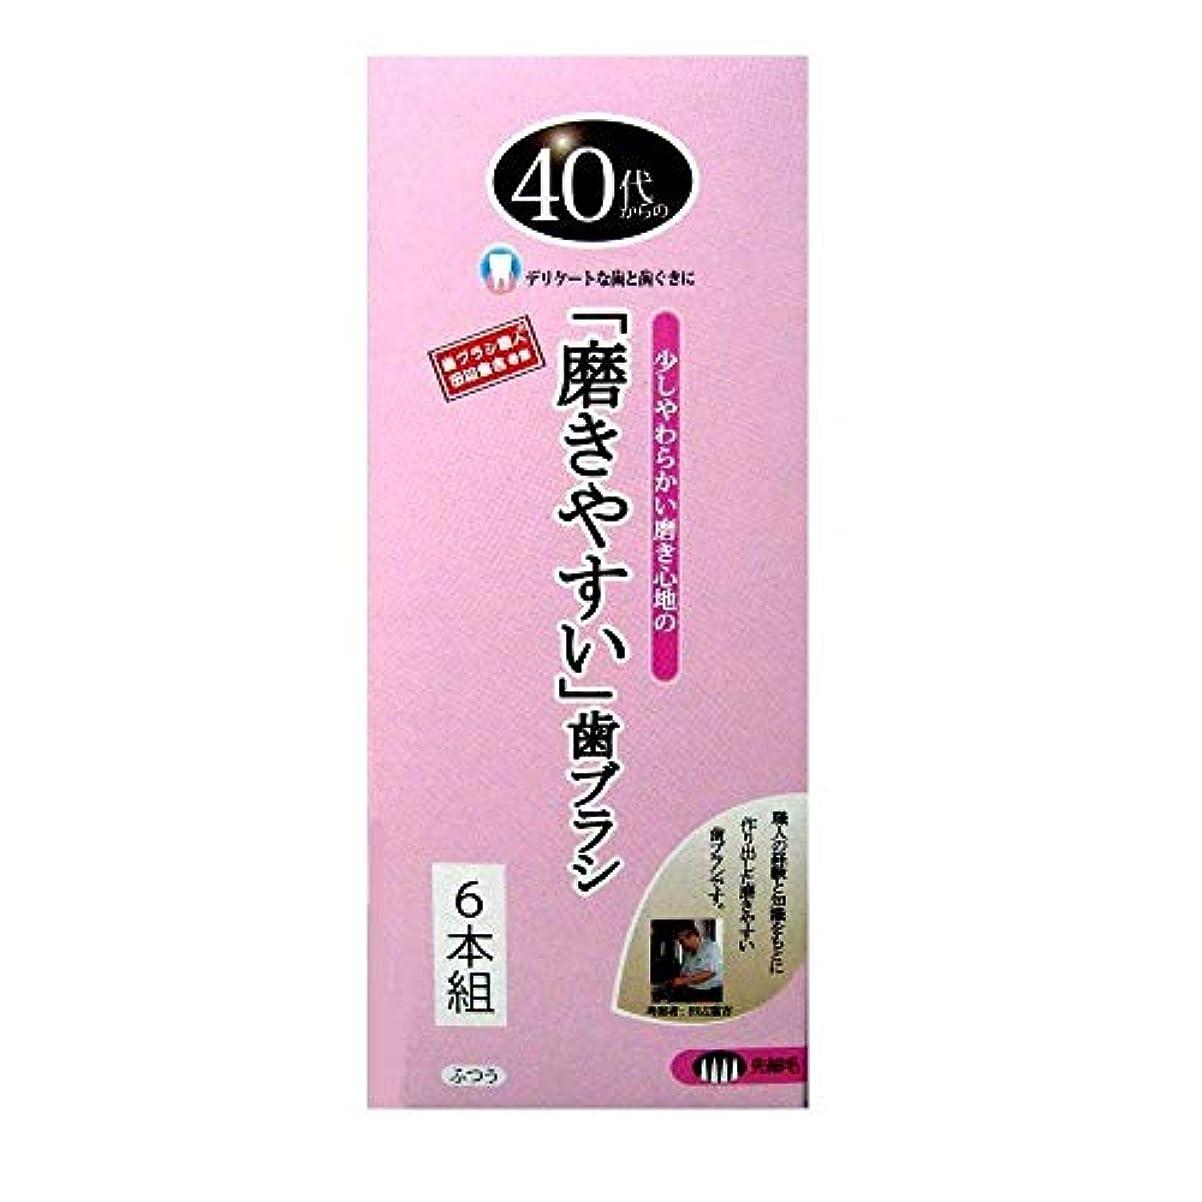 廃棄ミュージカル過敏な歯ブラシ職人 Artooth ® 田辺重吉の磨きやすい 40代からの歯ブラシ 歯ぐきにやさしい 細めの毛 先細毛 日本製 6本セットLT-15-6